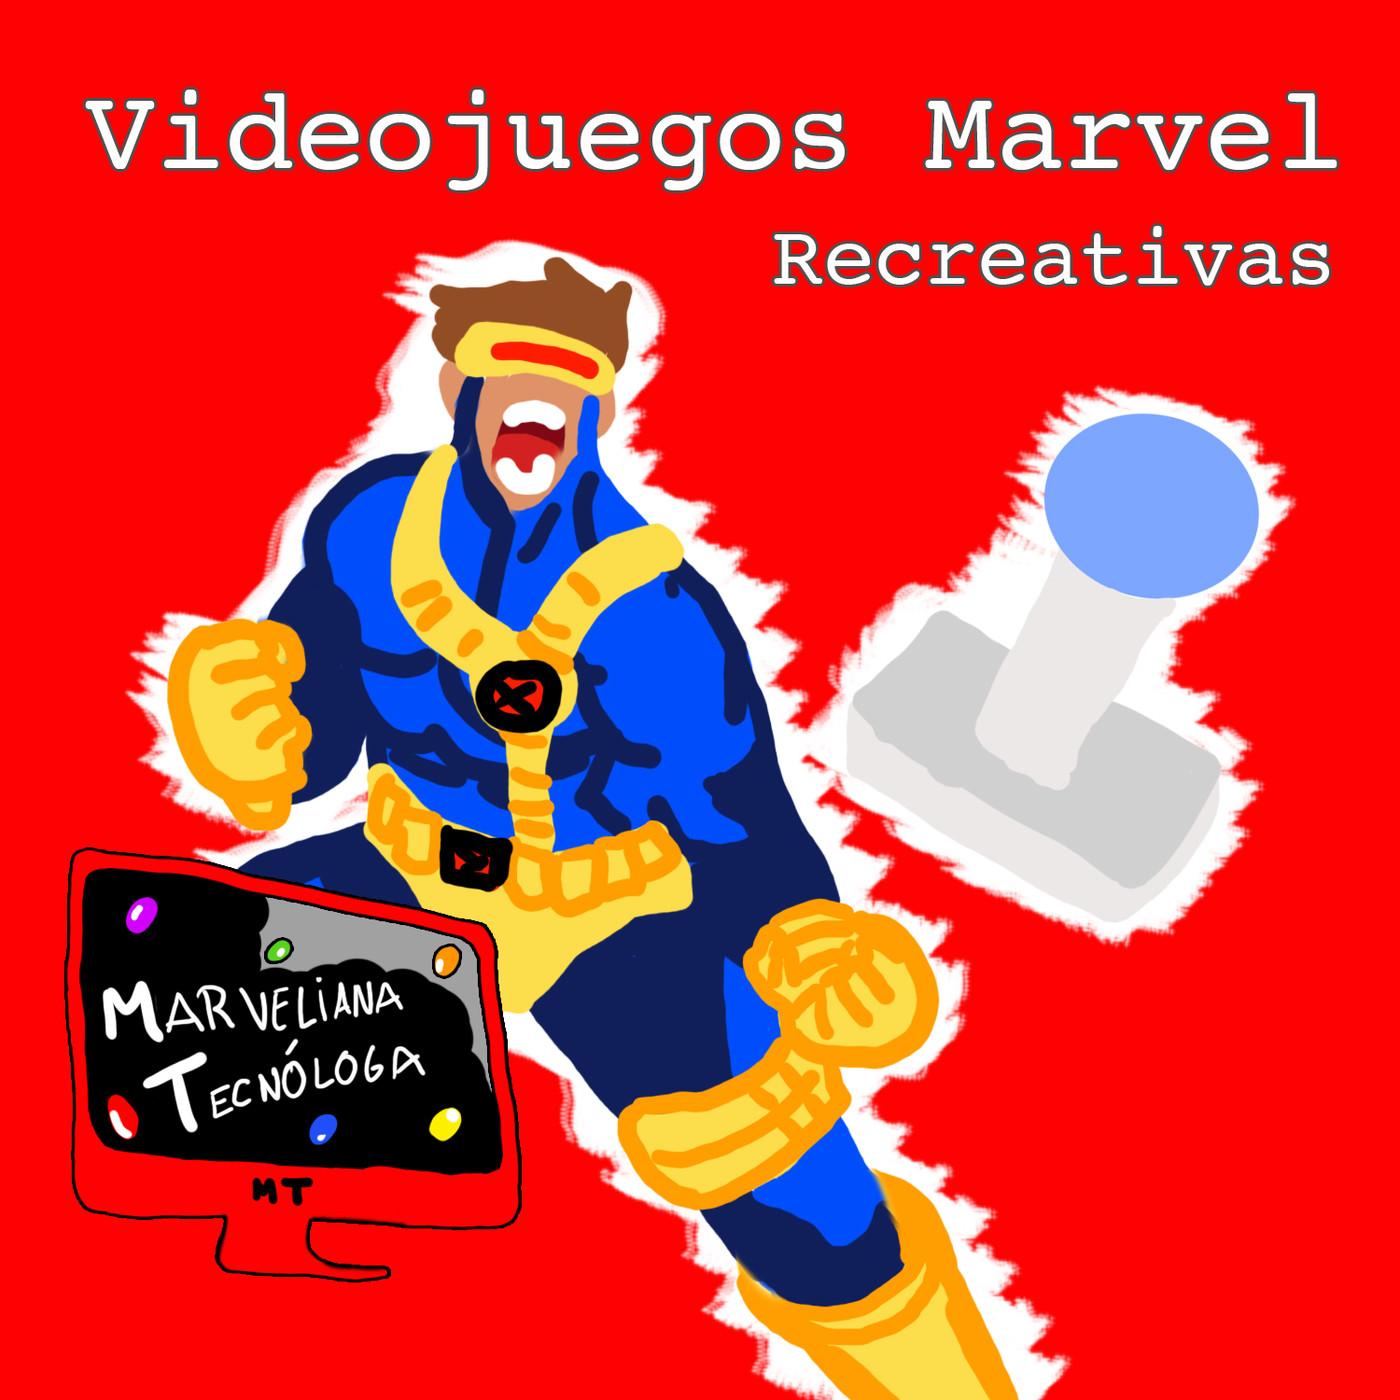 #MarvelianaTecno Marvel en los videojuegos de recreativas